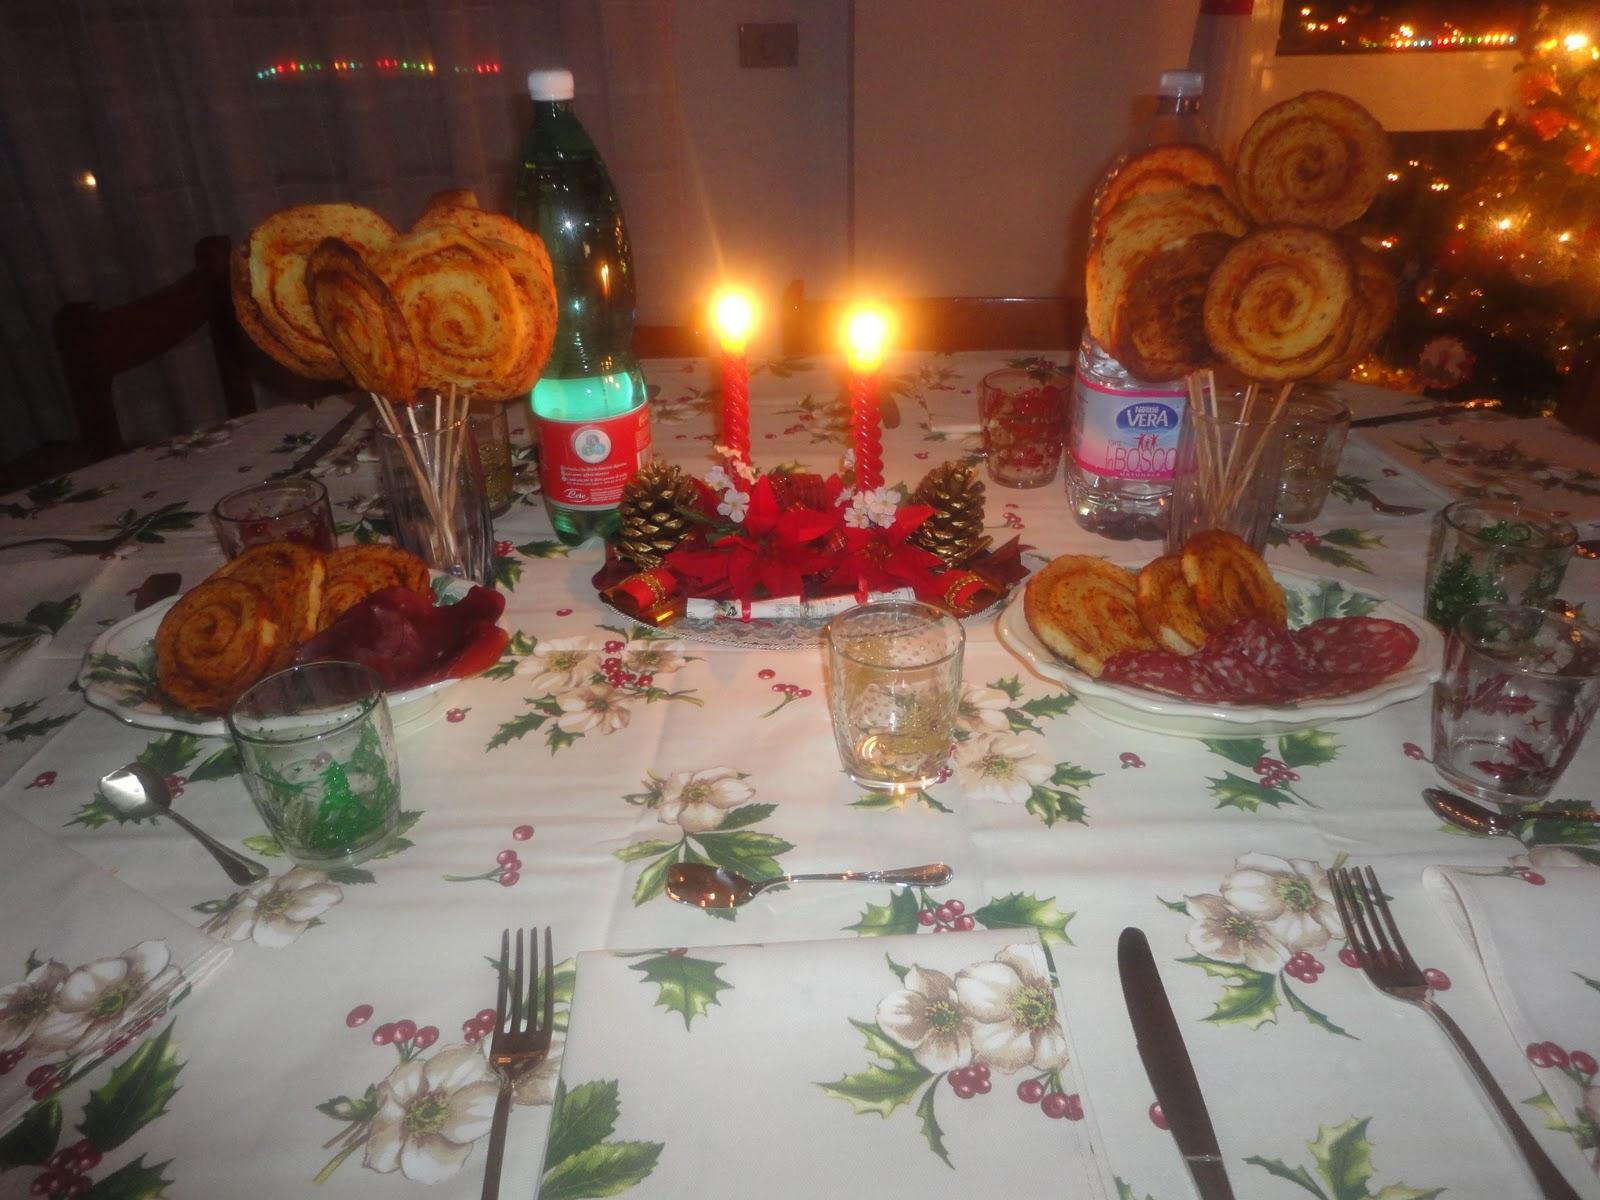 Bab n e altro addobbi natalizi per la casa for Addobbi natalizi per la classe